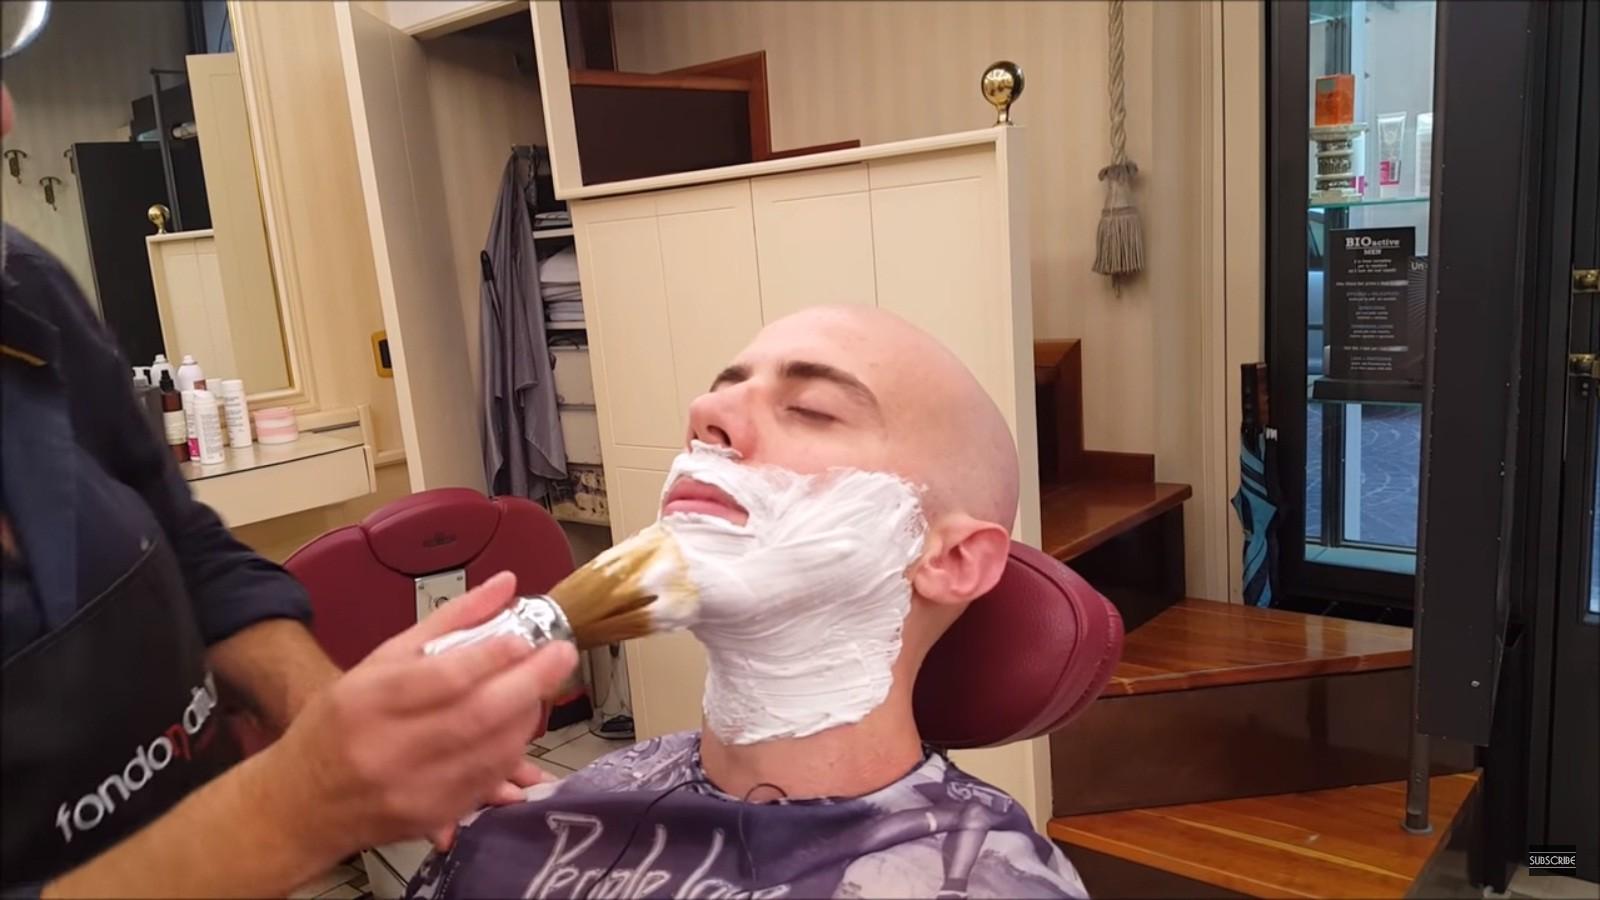 Uma cena habitual: Massimo sentado em uma cadeira sendo barbeado (Foto: Reprodução/Youtube)